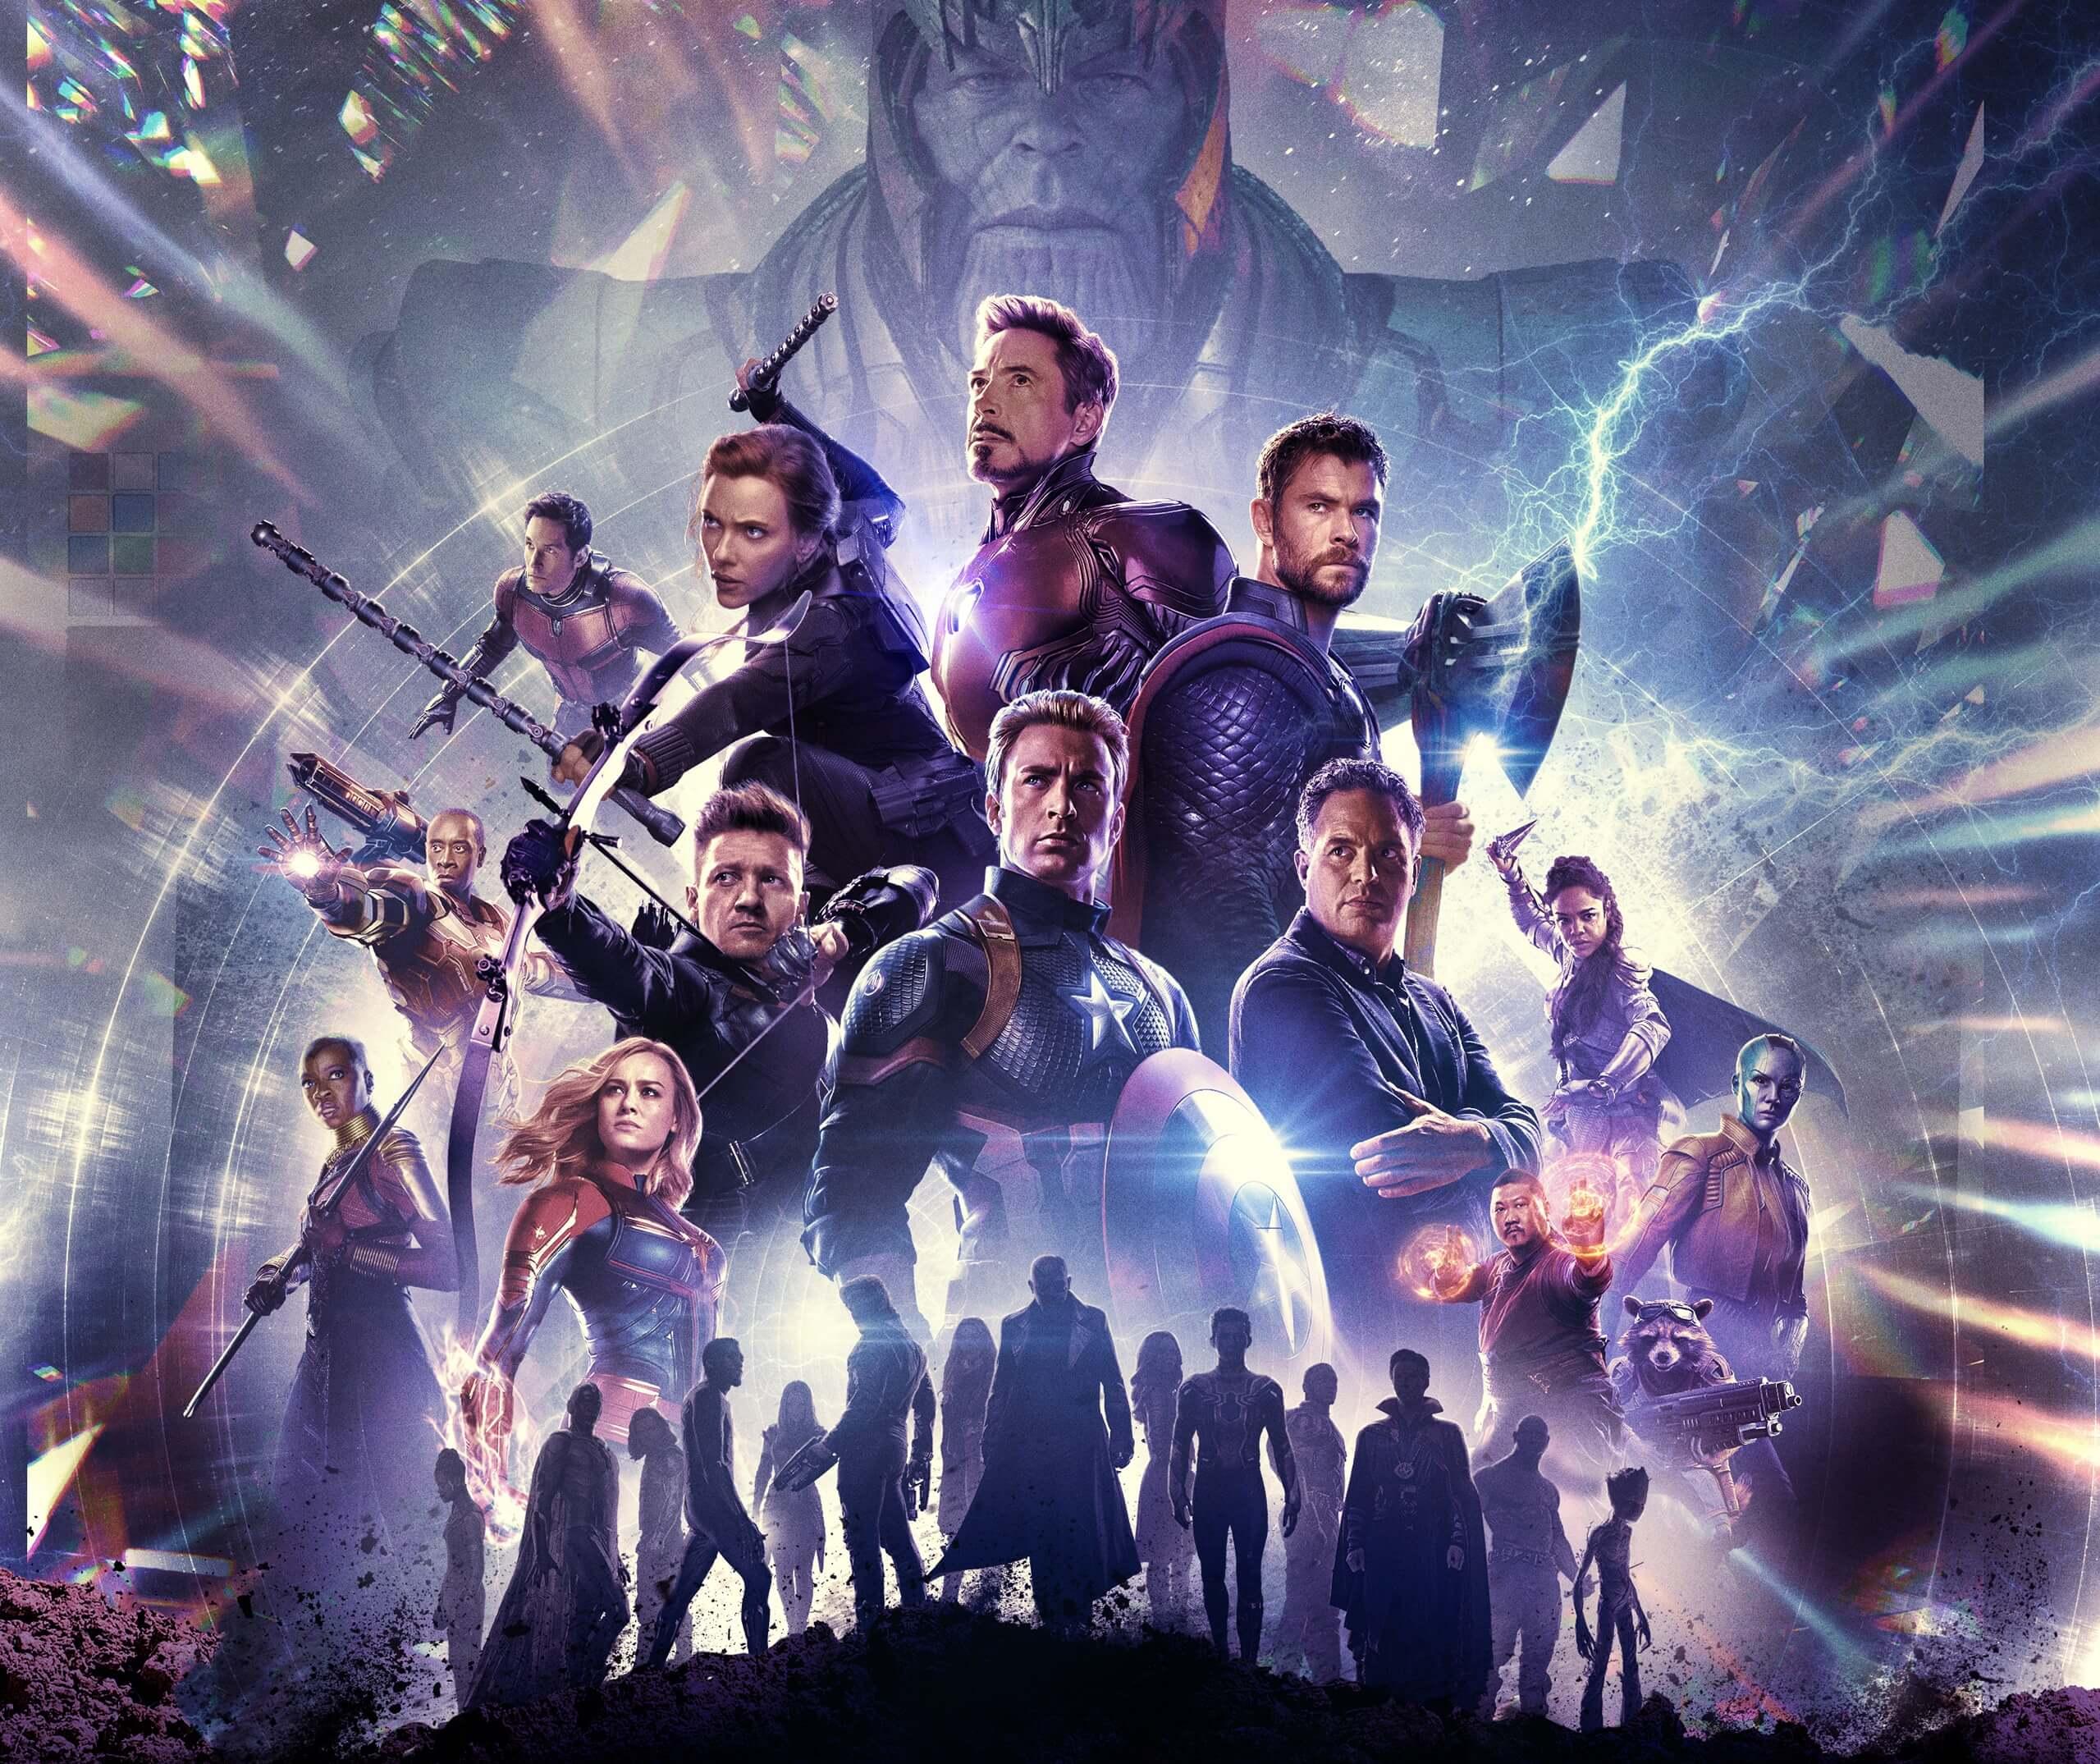 アベンジャーズ エンドゲーム 2019 映画レビュー Cinema Mode